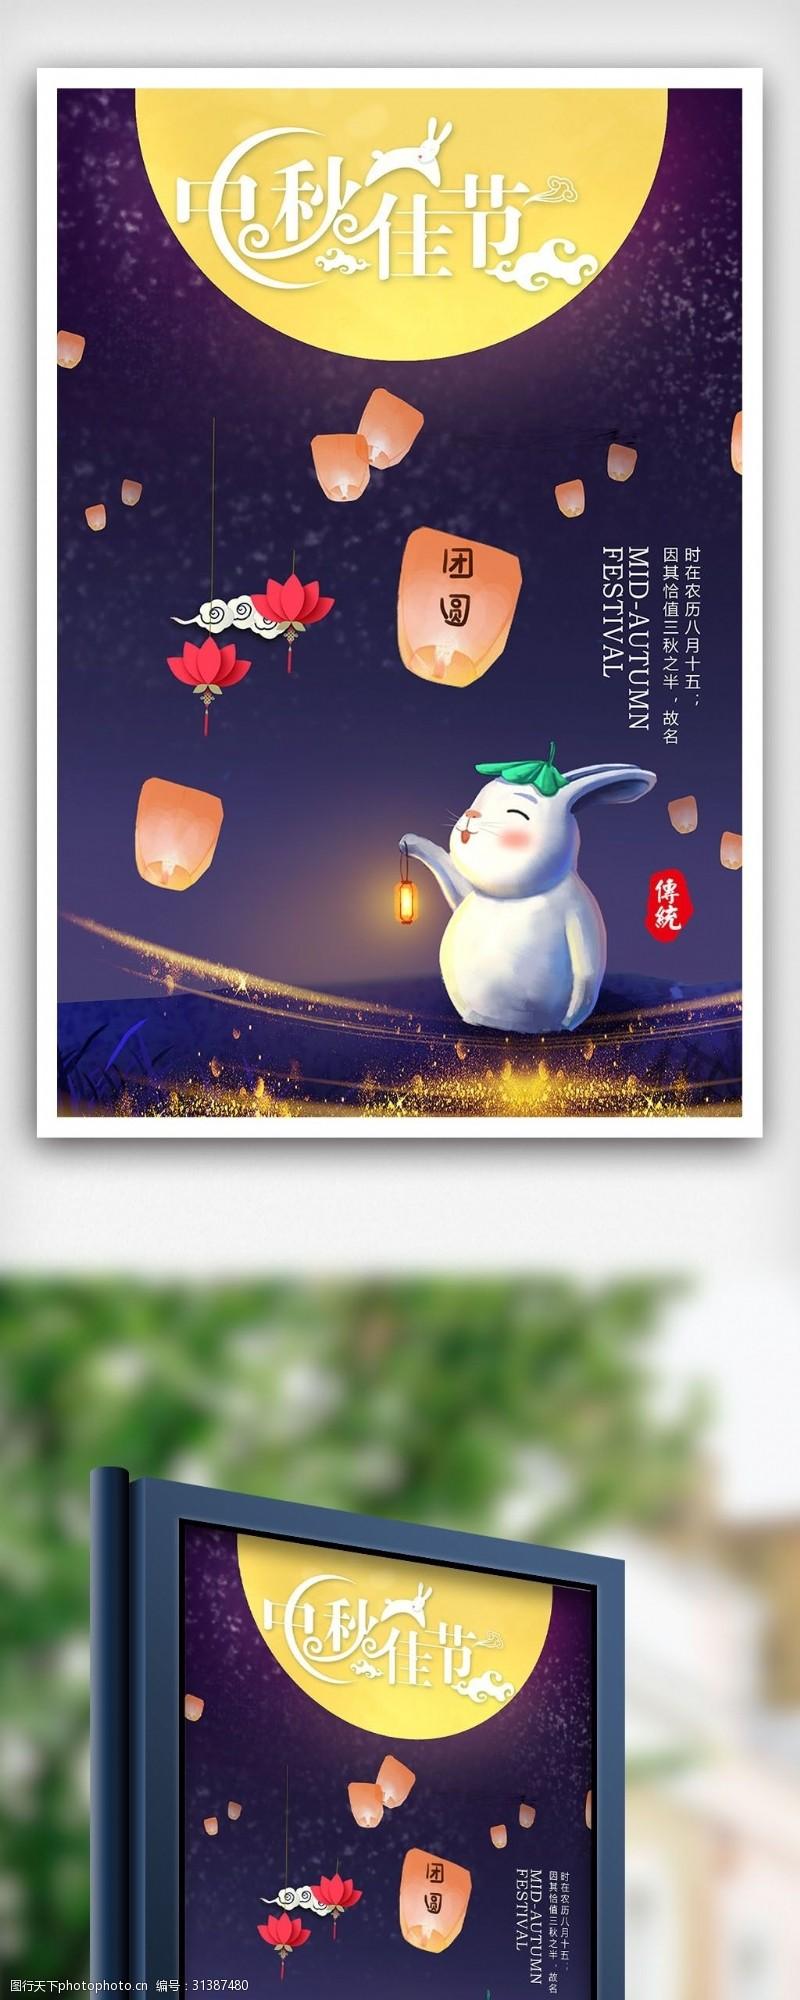 中秋佳节倍思亲海报下载